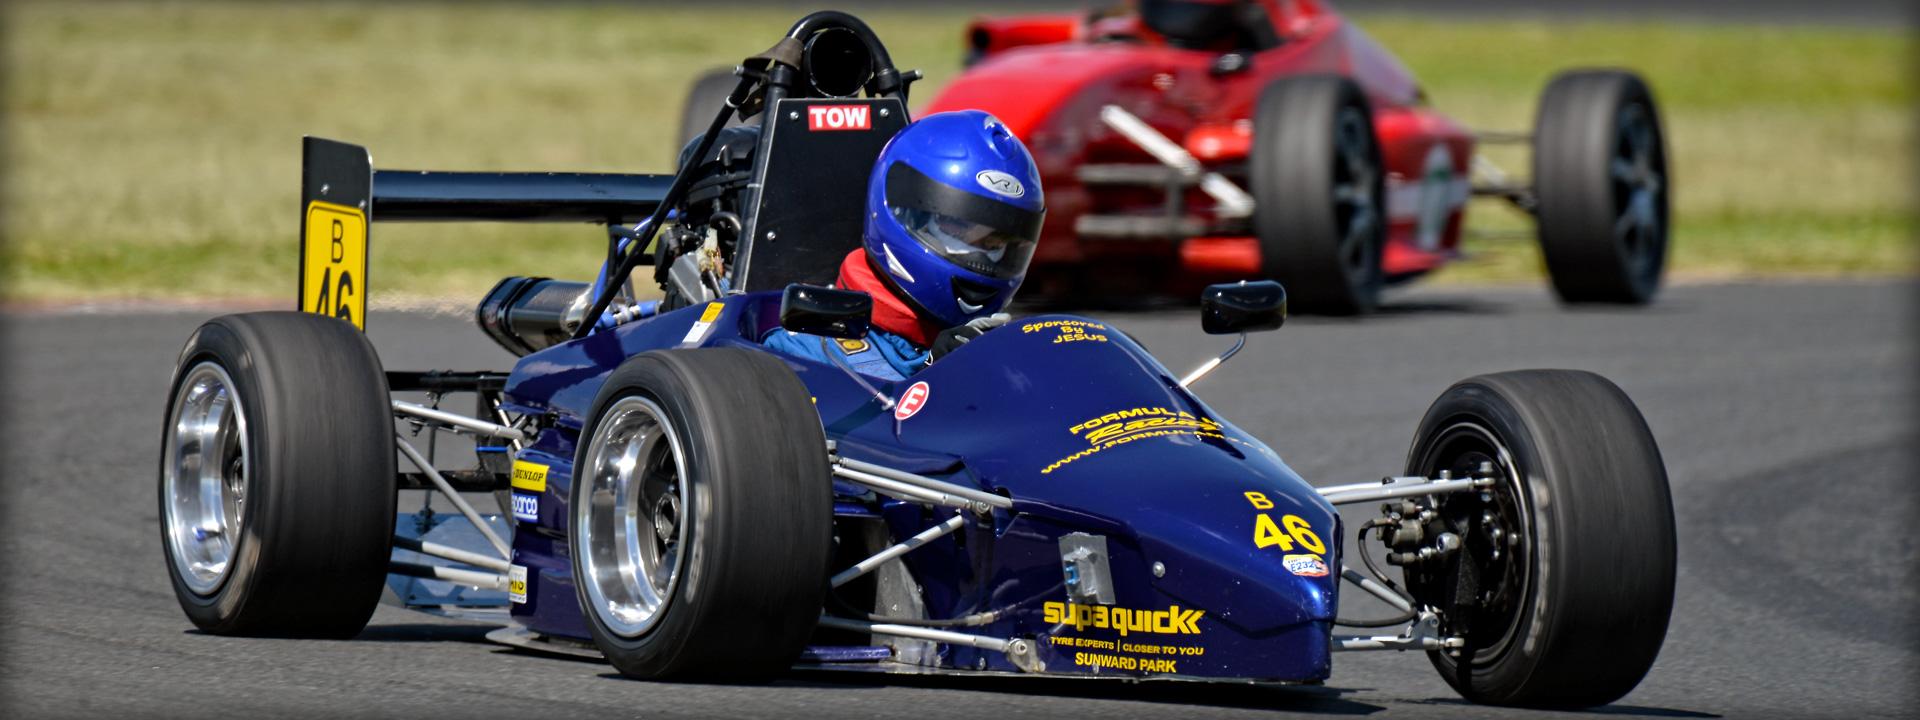 Inland Championship - Round 3 - 8 April 2017 - Zwartkops Raceway - Preview